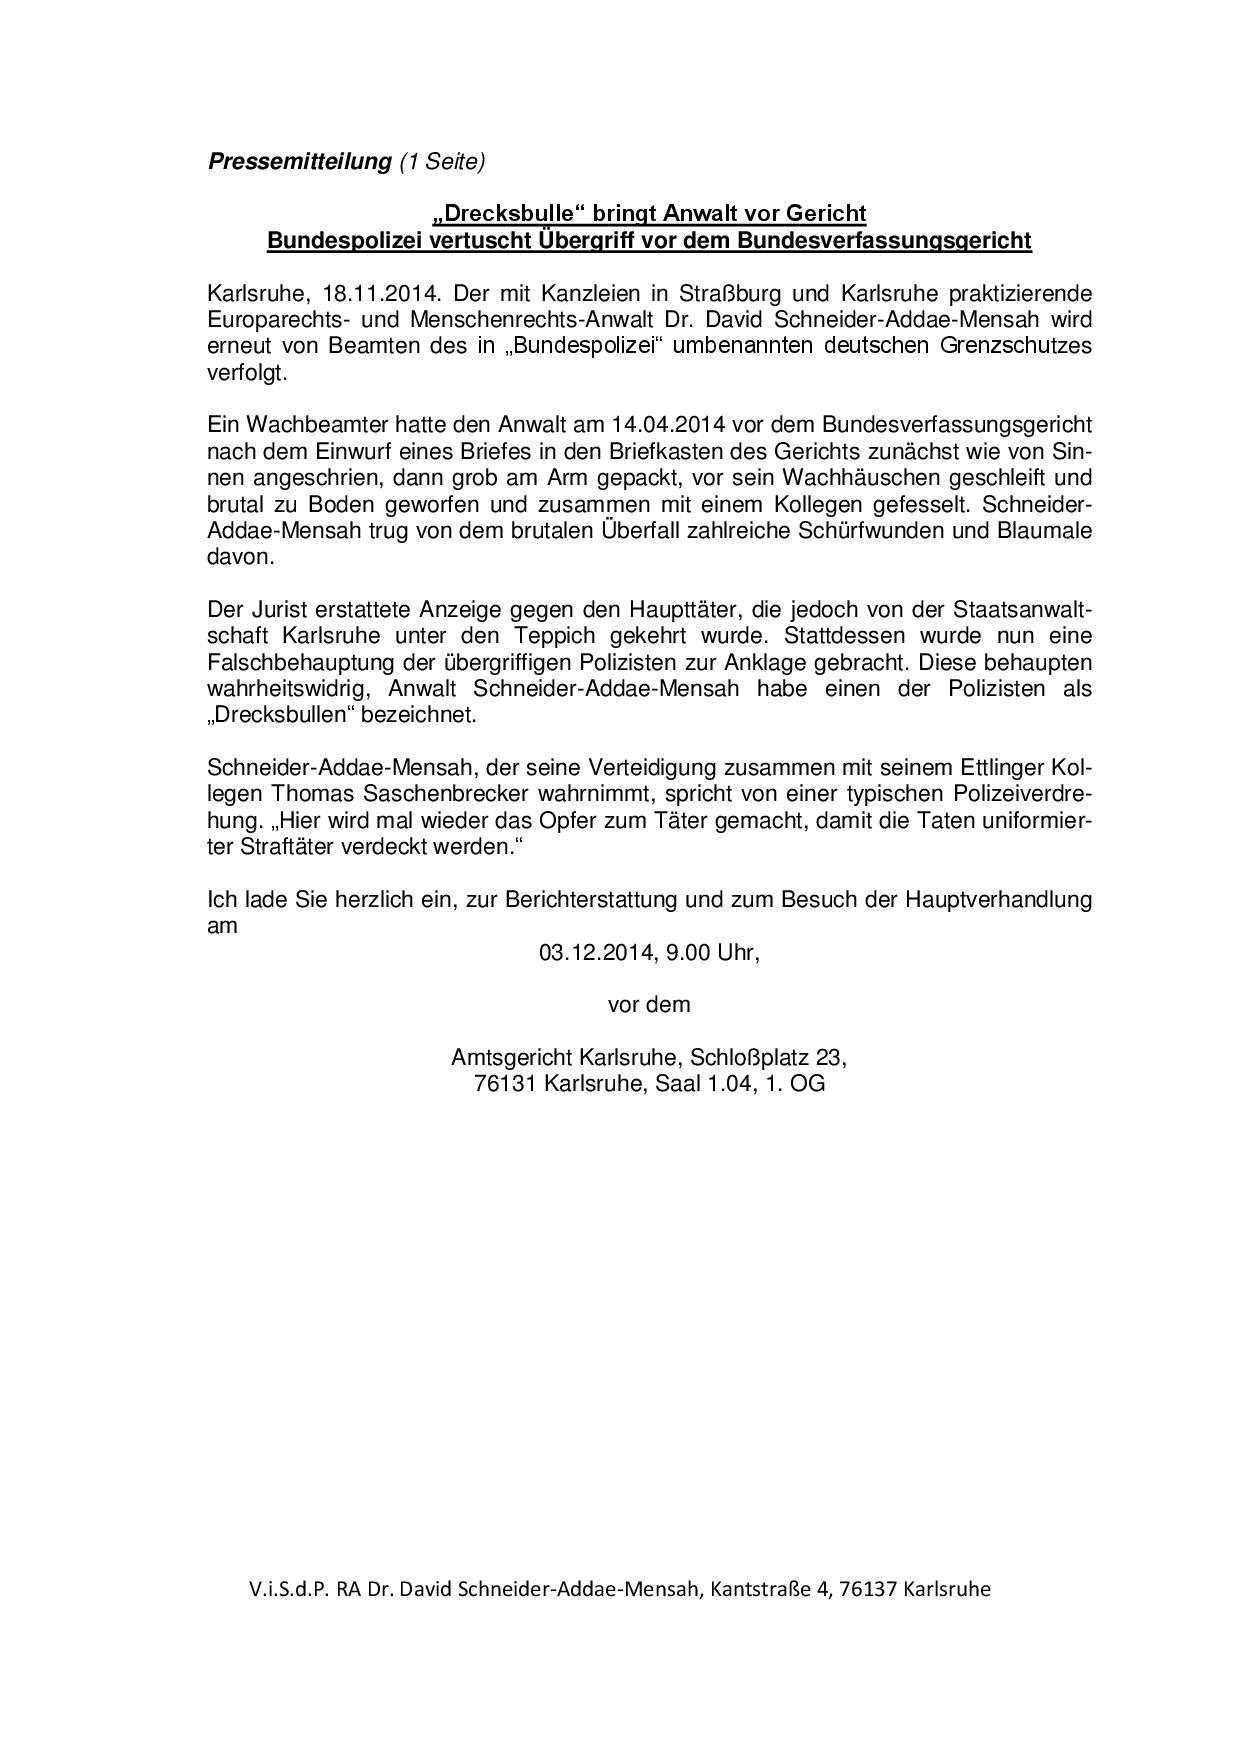 Pressemitteilung v. 18.11.14 ohne Handy(1)-001